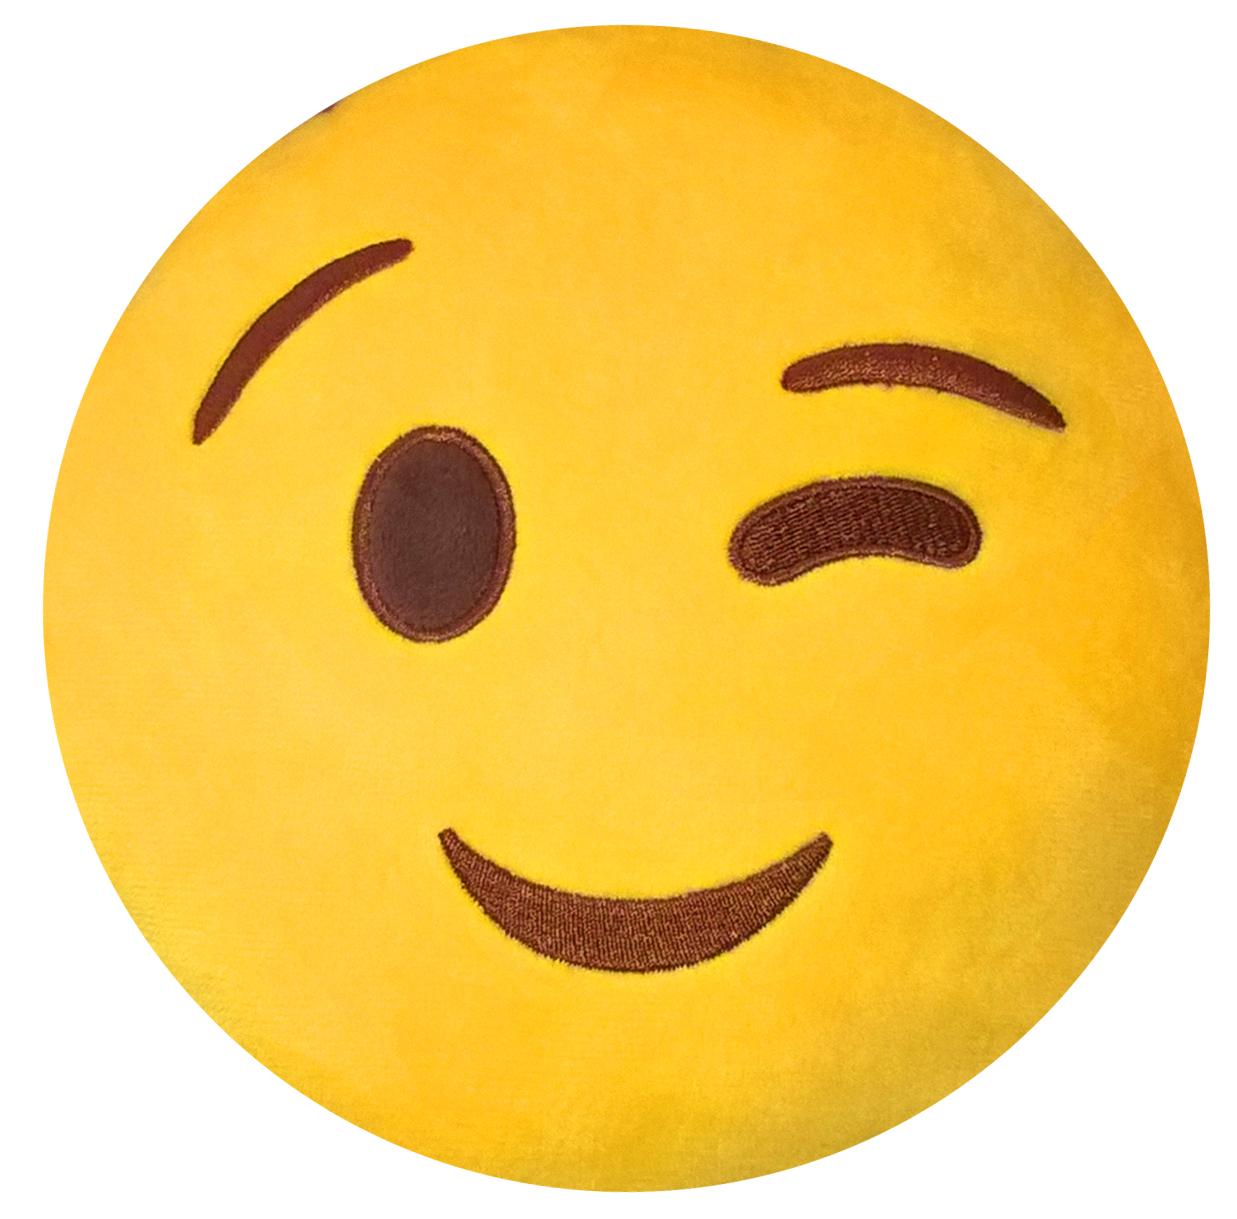 Подушка на подголовник Rexxon Подмигивание, цвет: желтый3-13-3-1-1Включает в себя функции подушки, подголовника, игрушки.